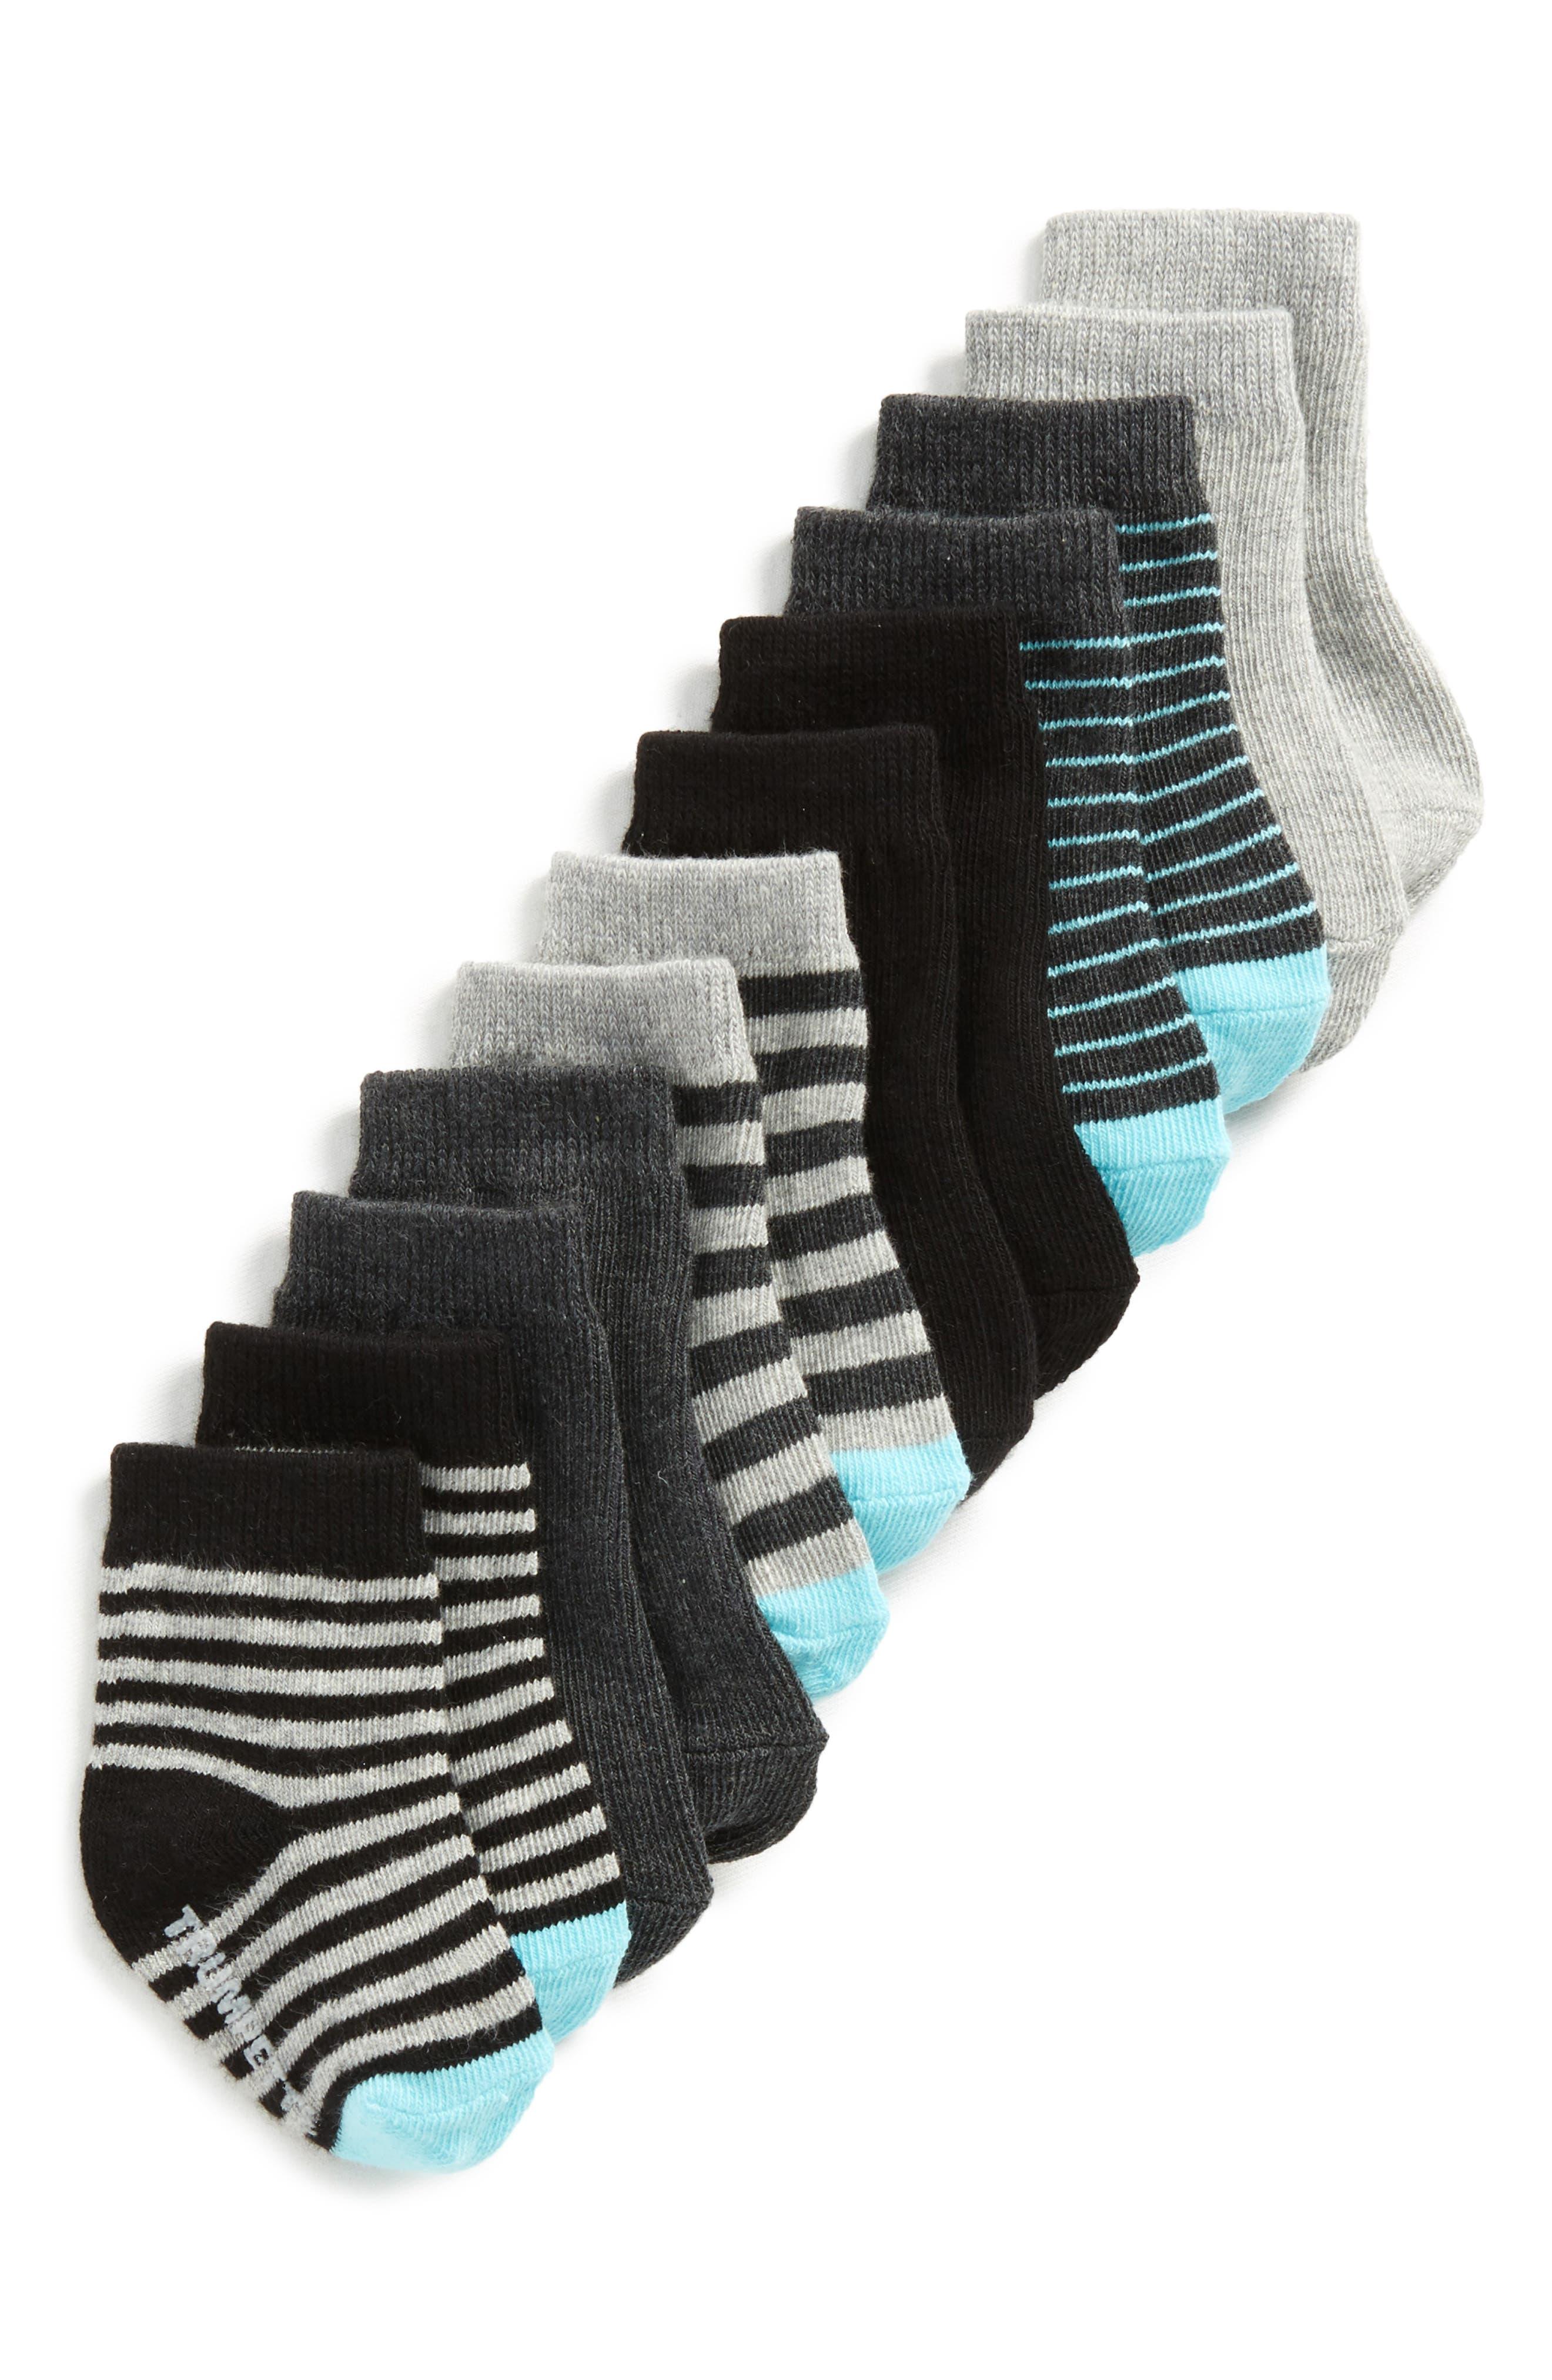 Finn 6-Pack Socks,                         Main,                         color, Assorted